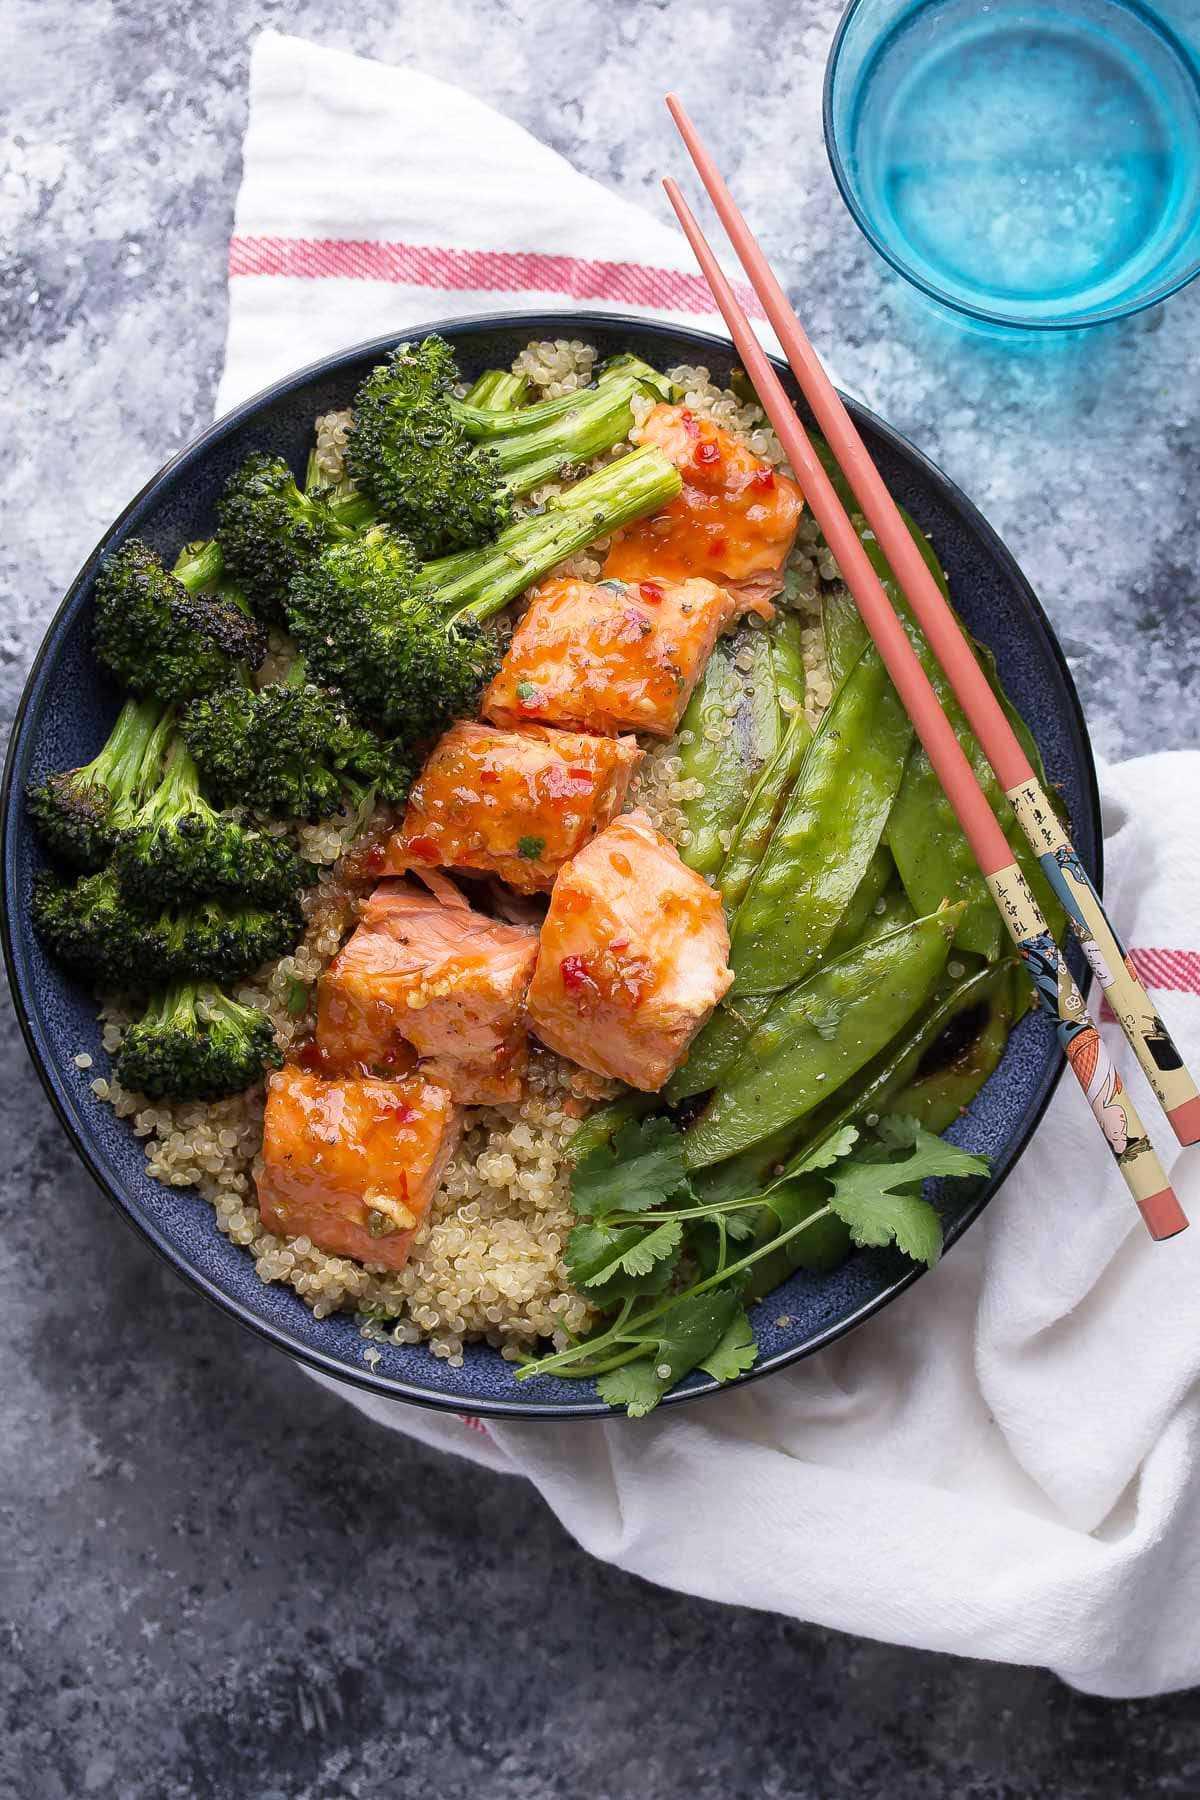 Tigela de quinoa e salmão com receita de pimentão doce e brócolis (vídeo)